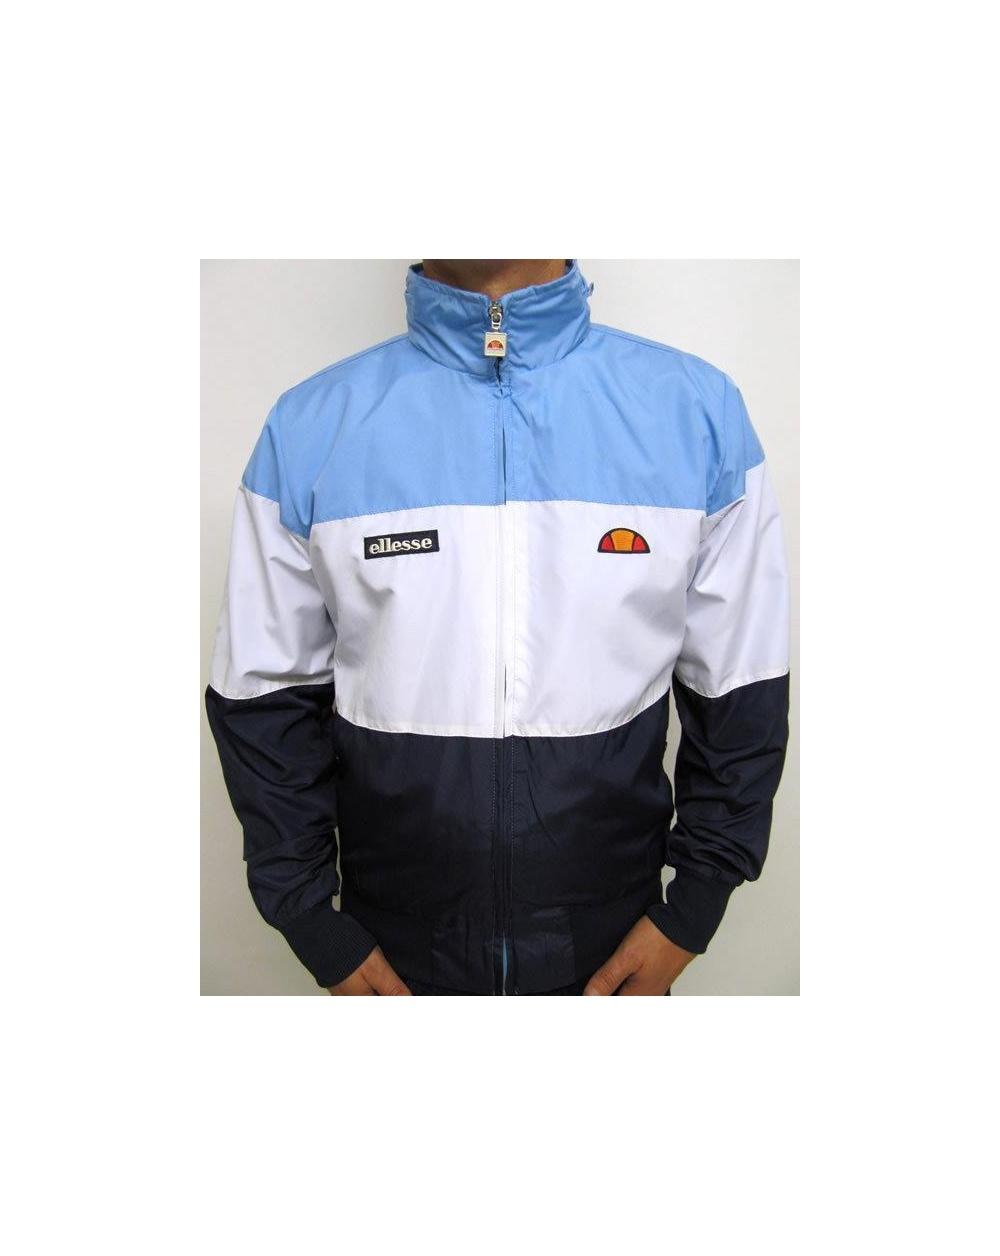 ellesse le querce rain jacket sky blue white navy ellesse heritage windrunner jacket. Black Bedroom Furniture Sets. Home Design Ideas